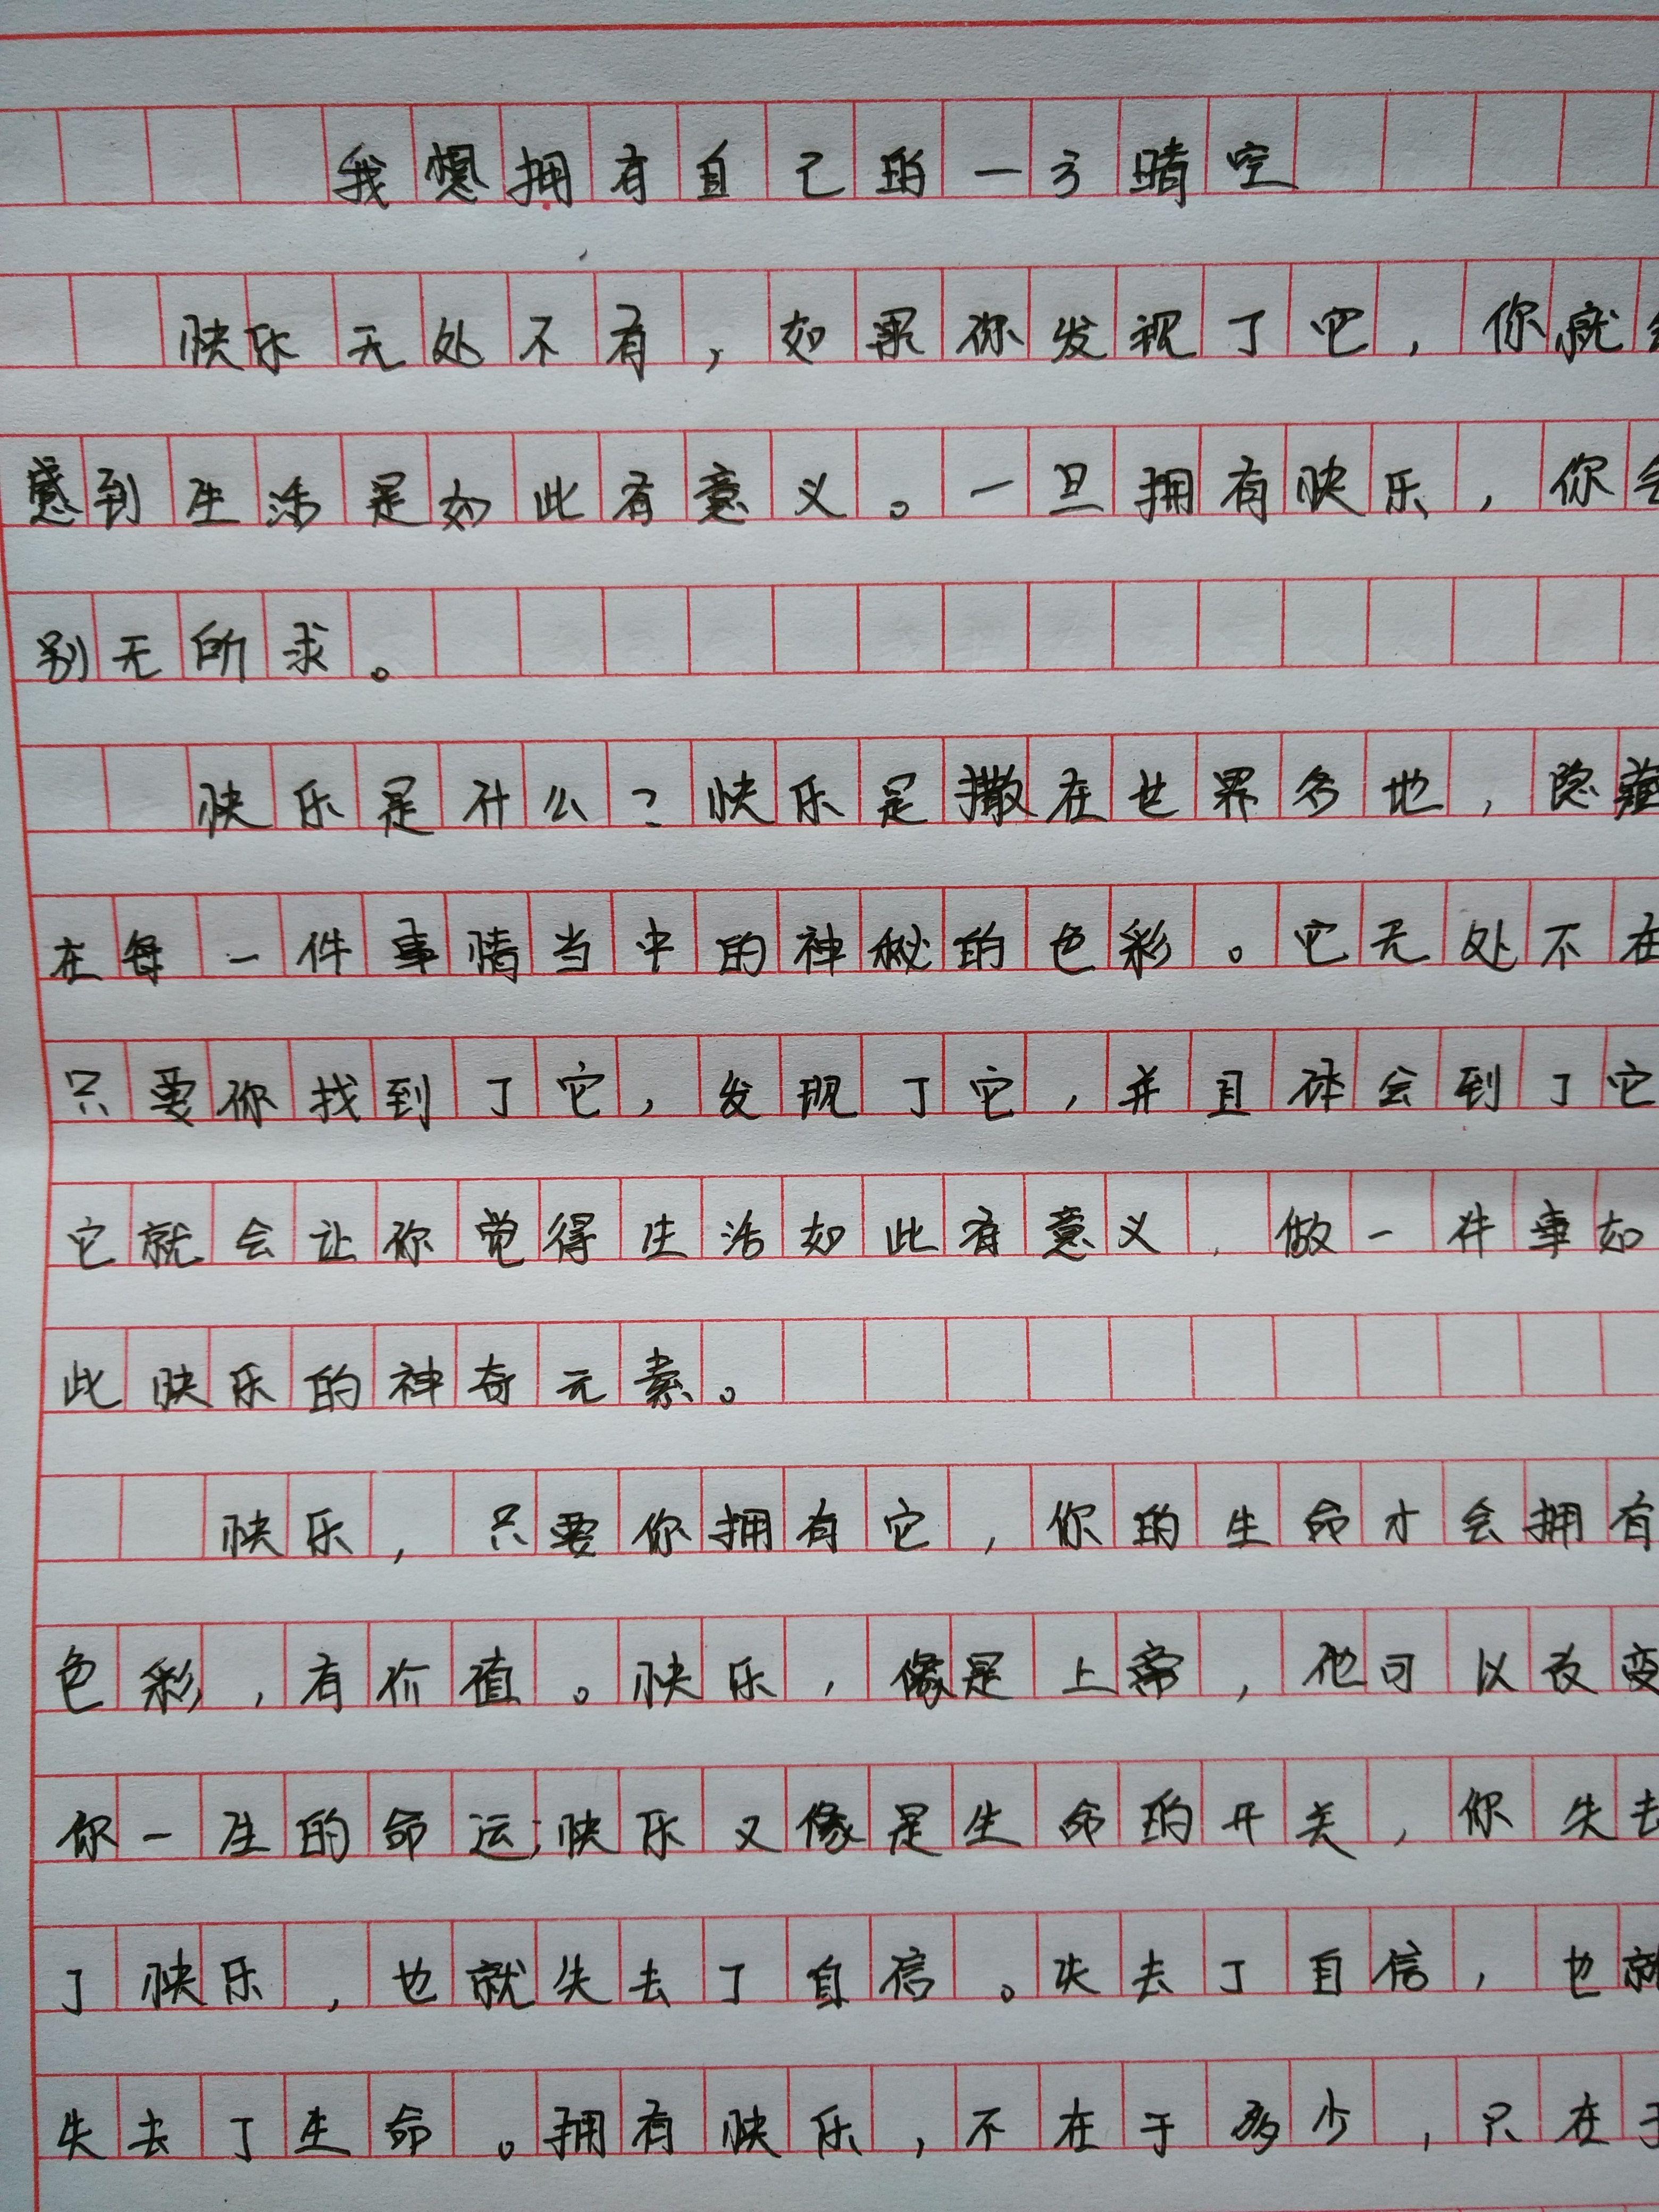 初中定理我想拥有自己的初中晴空800字——v初中帮一方外作文数学课图片